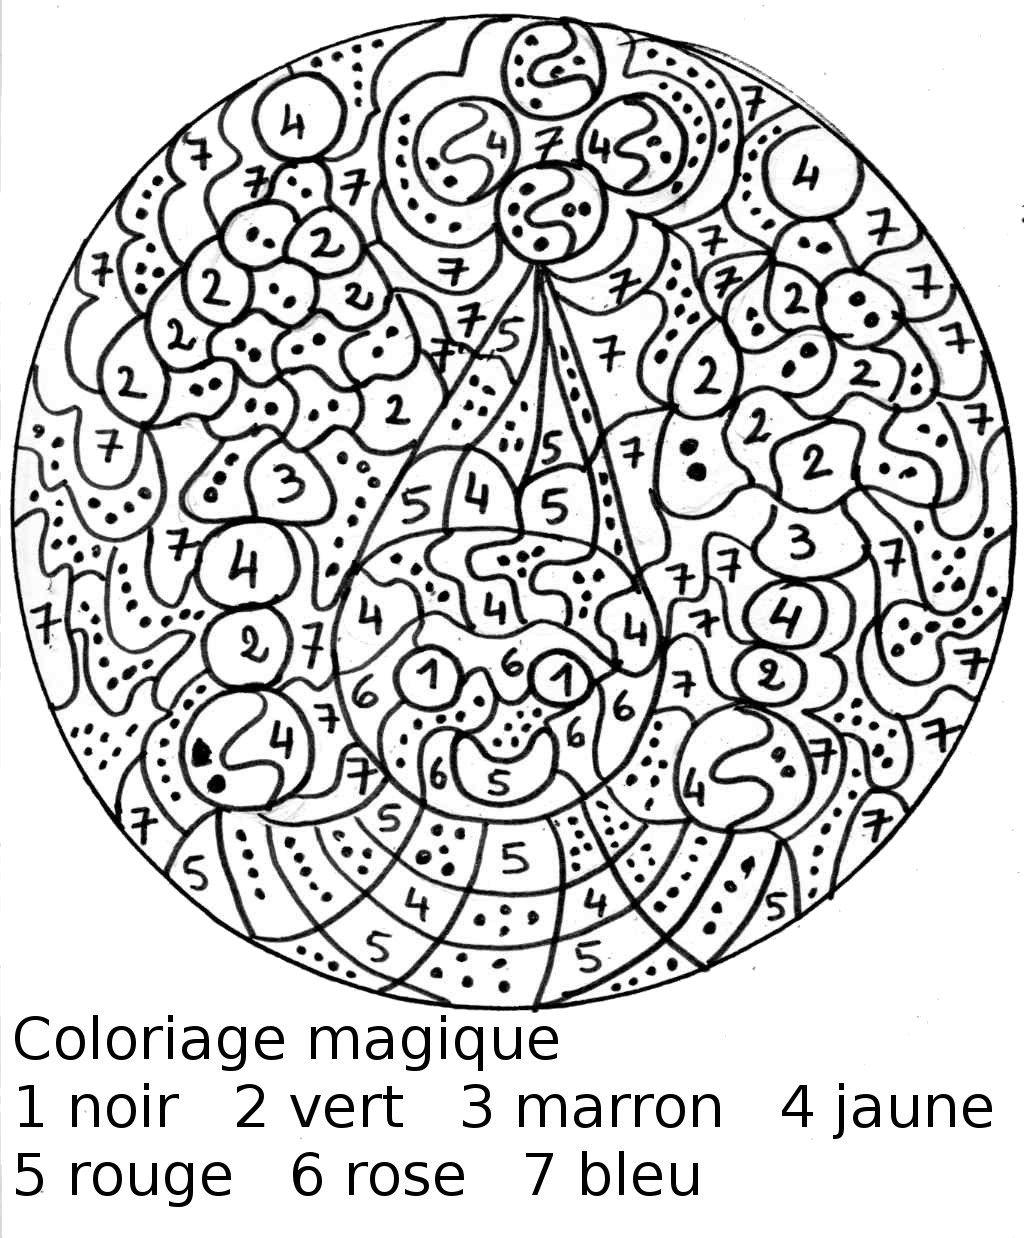 Coloriages A Imprimer Coloriages Magiques Numero 35af3499